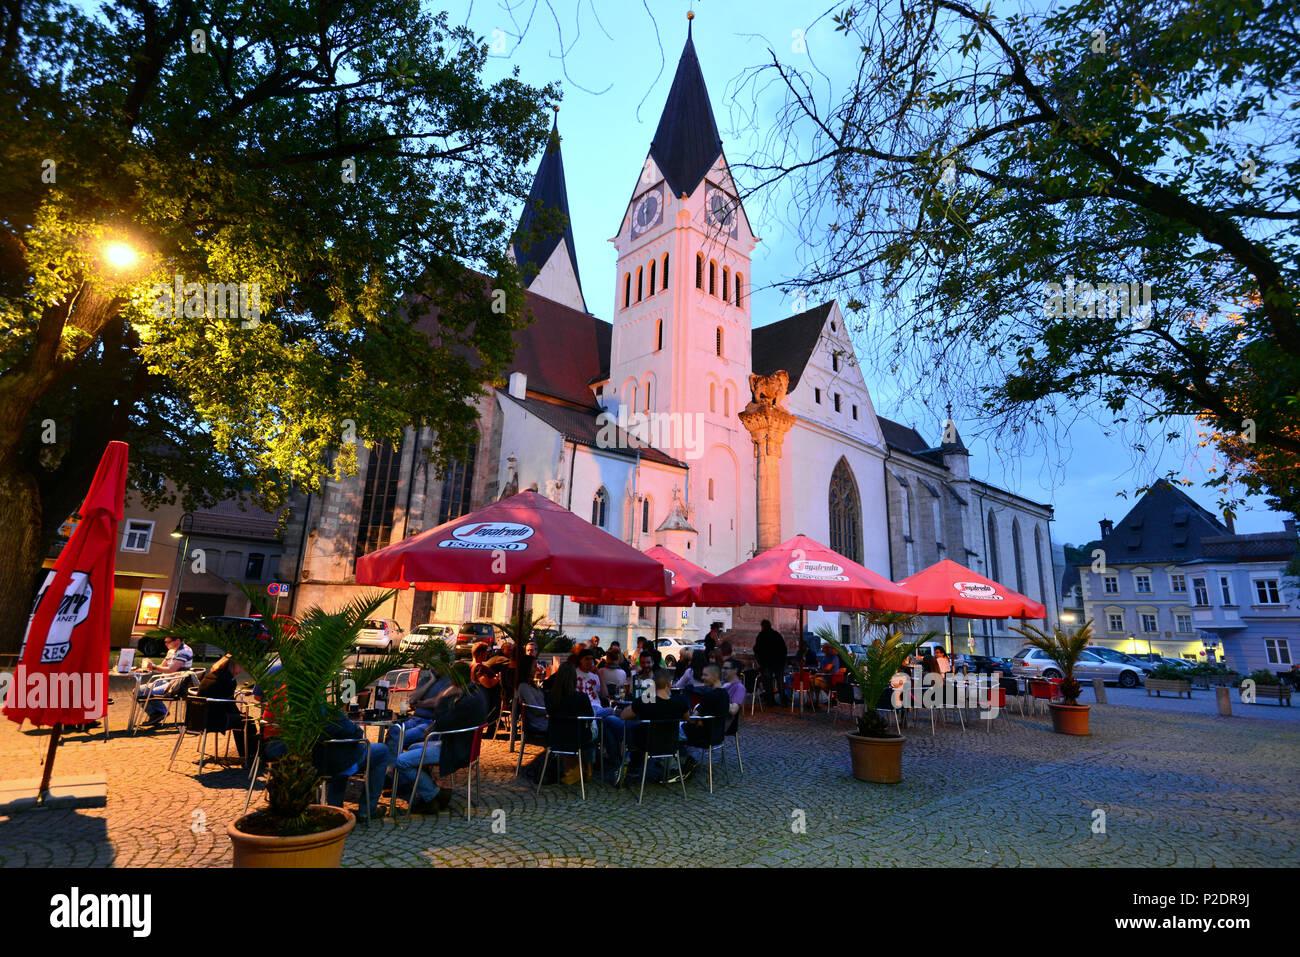 Dom Domplatz am Abend, Eichstätt, Altmühltal Valley, Oberbayern, Bayern, Deutschland Stockbild